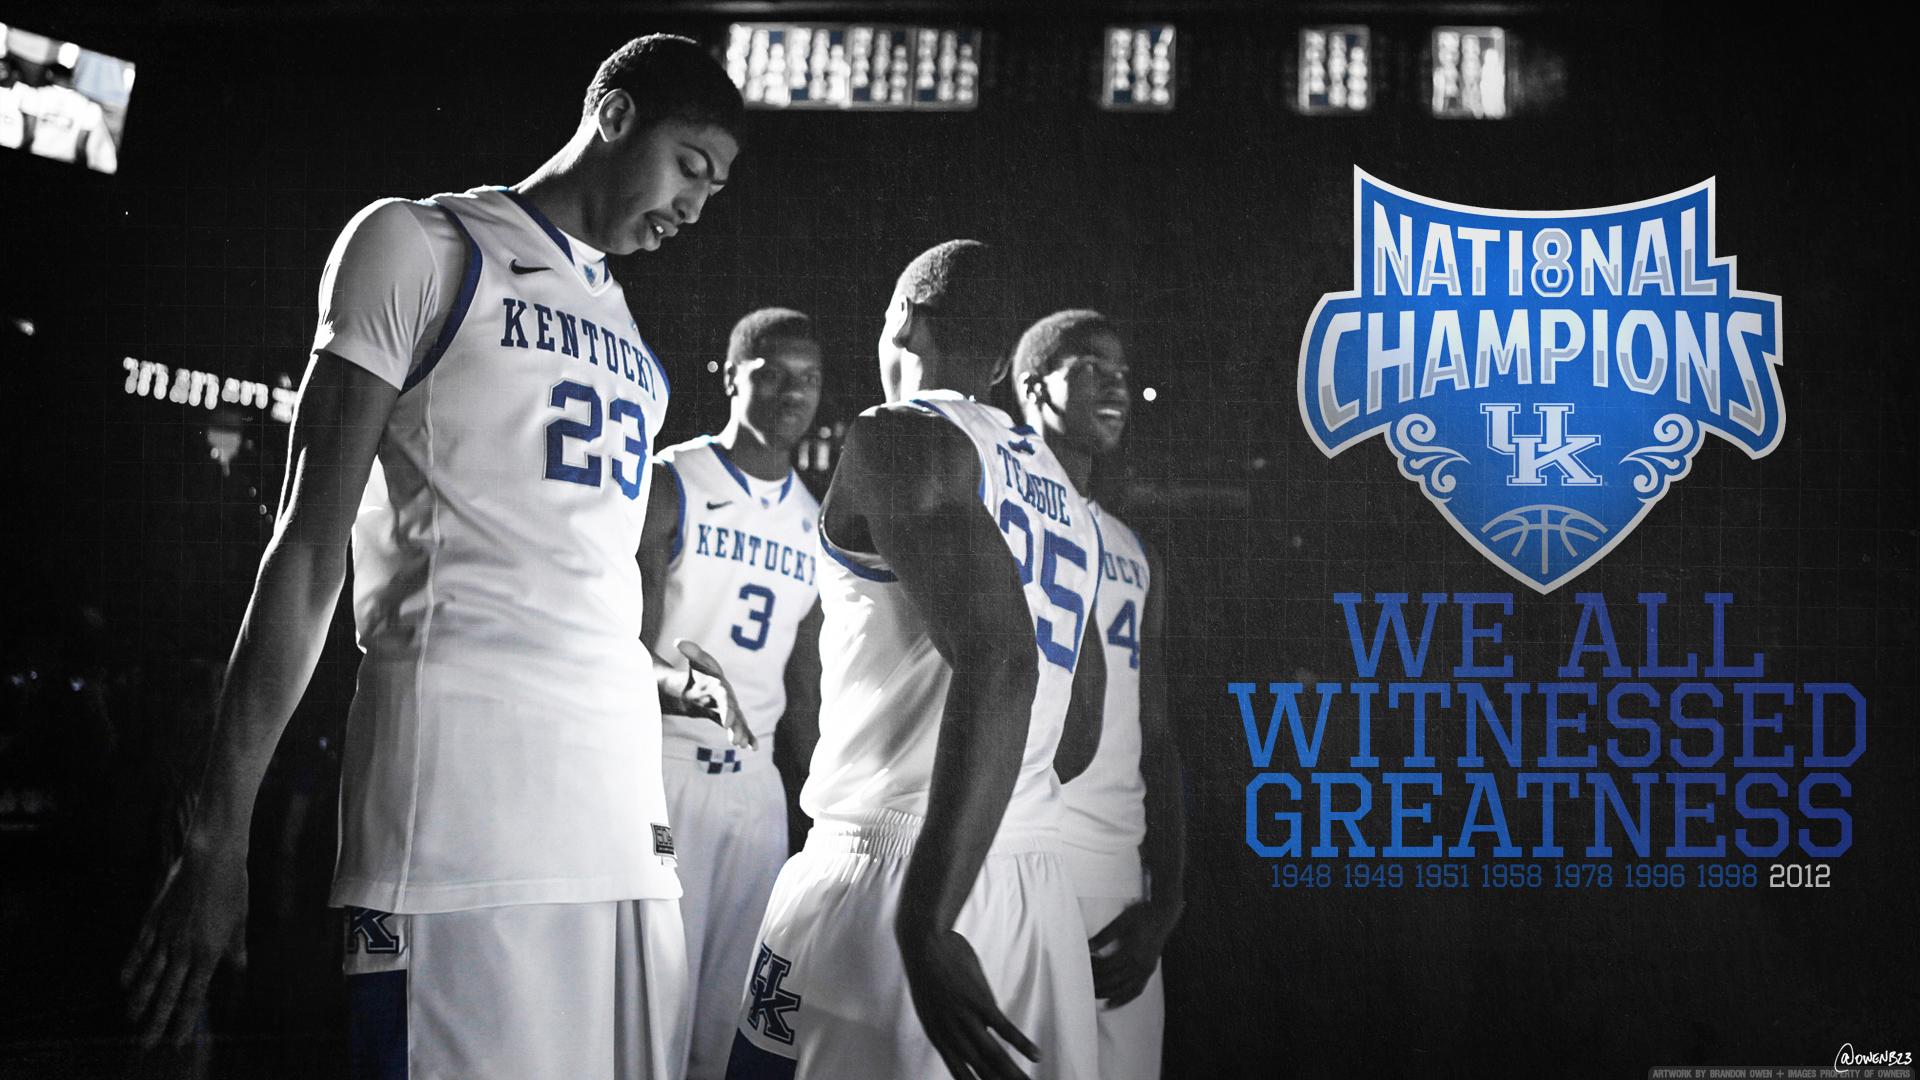 Wildcatrob S Kentucky Wallpaper Blog: Kentucky Basketball Desktop Wallpaper